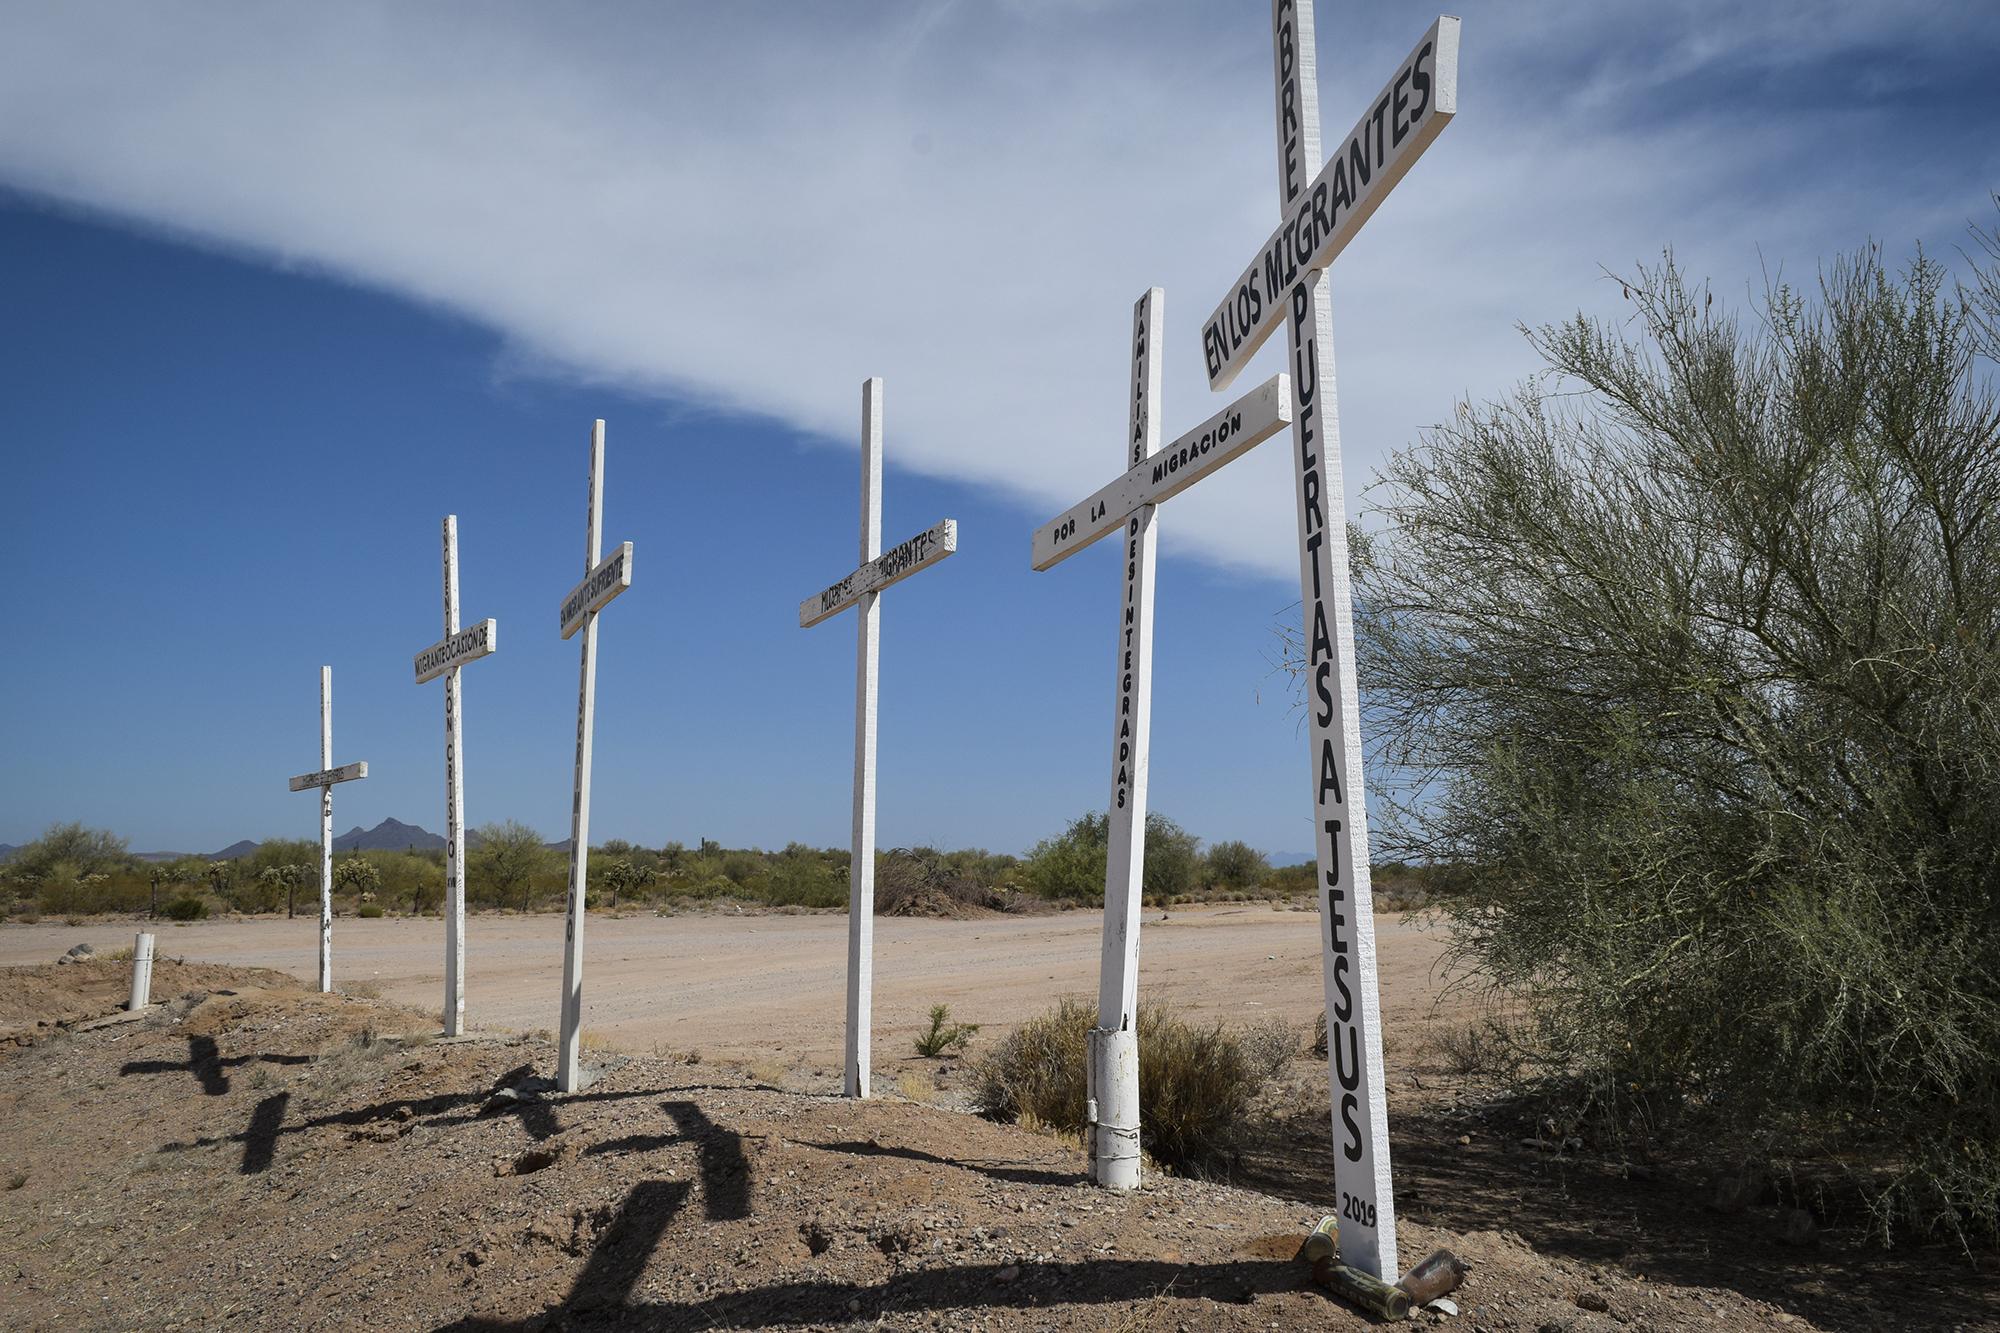 El gueto mexicano: los muertos que nadie ve